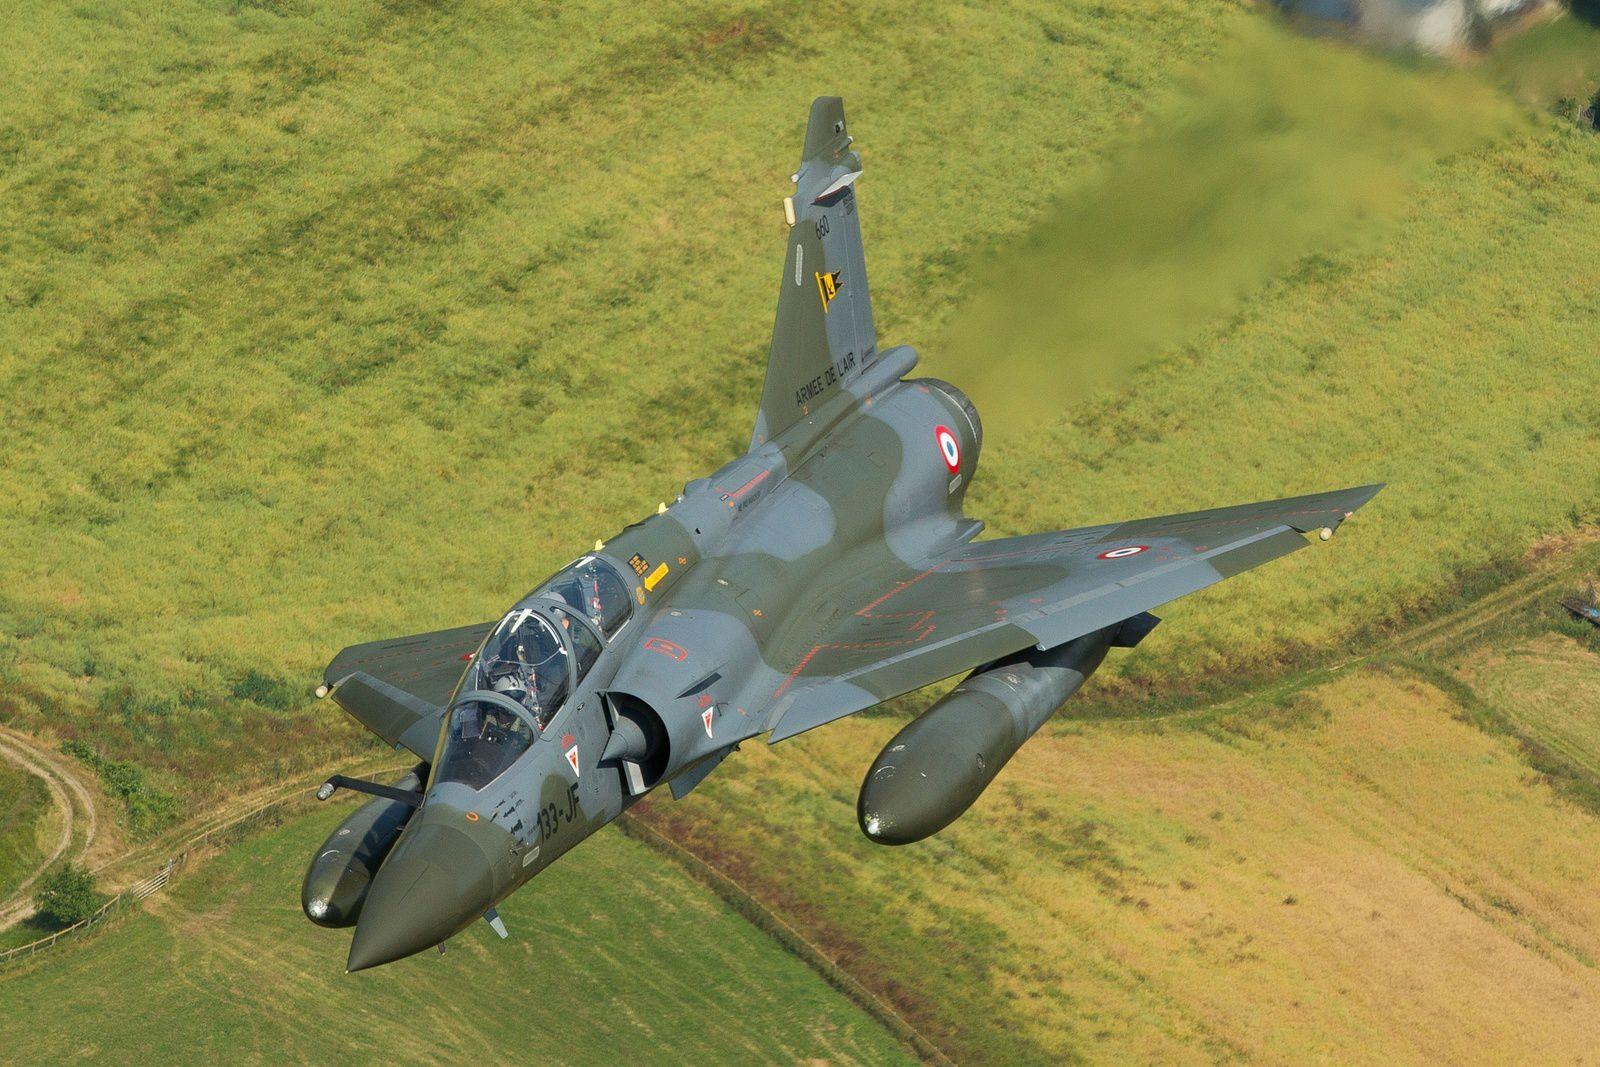 Le Ministère de la Défense officialise la modernisation des Mirage 2000D